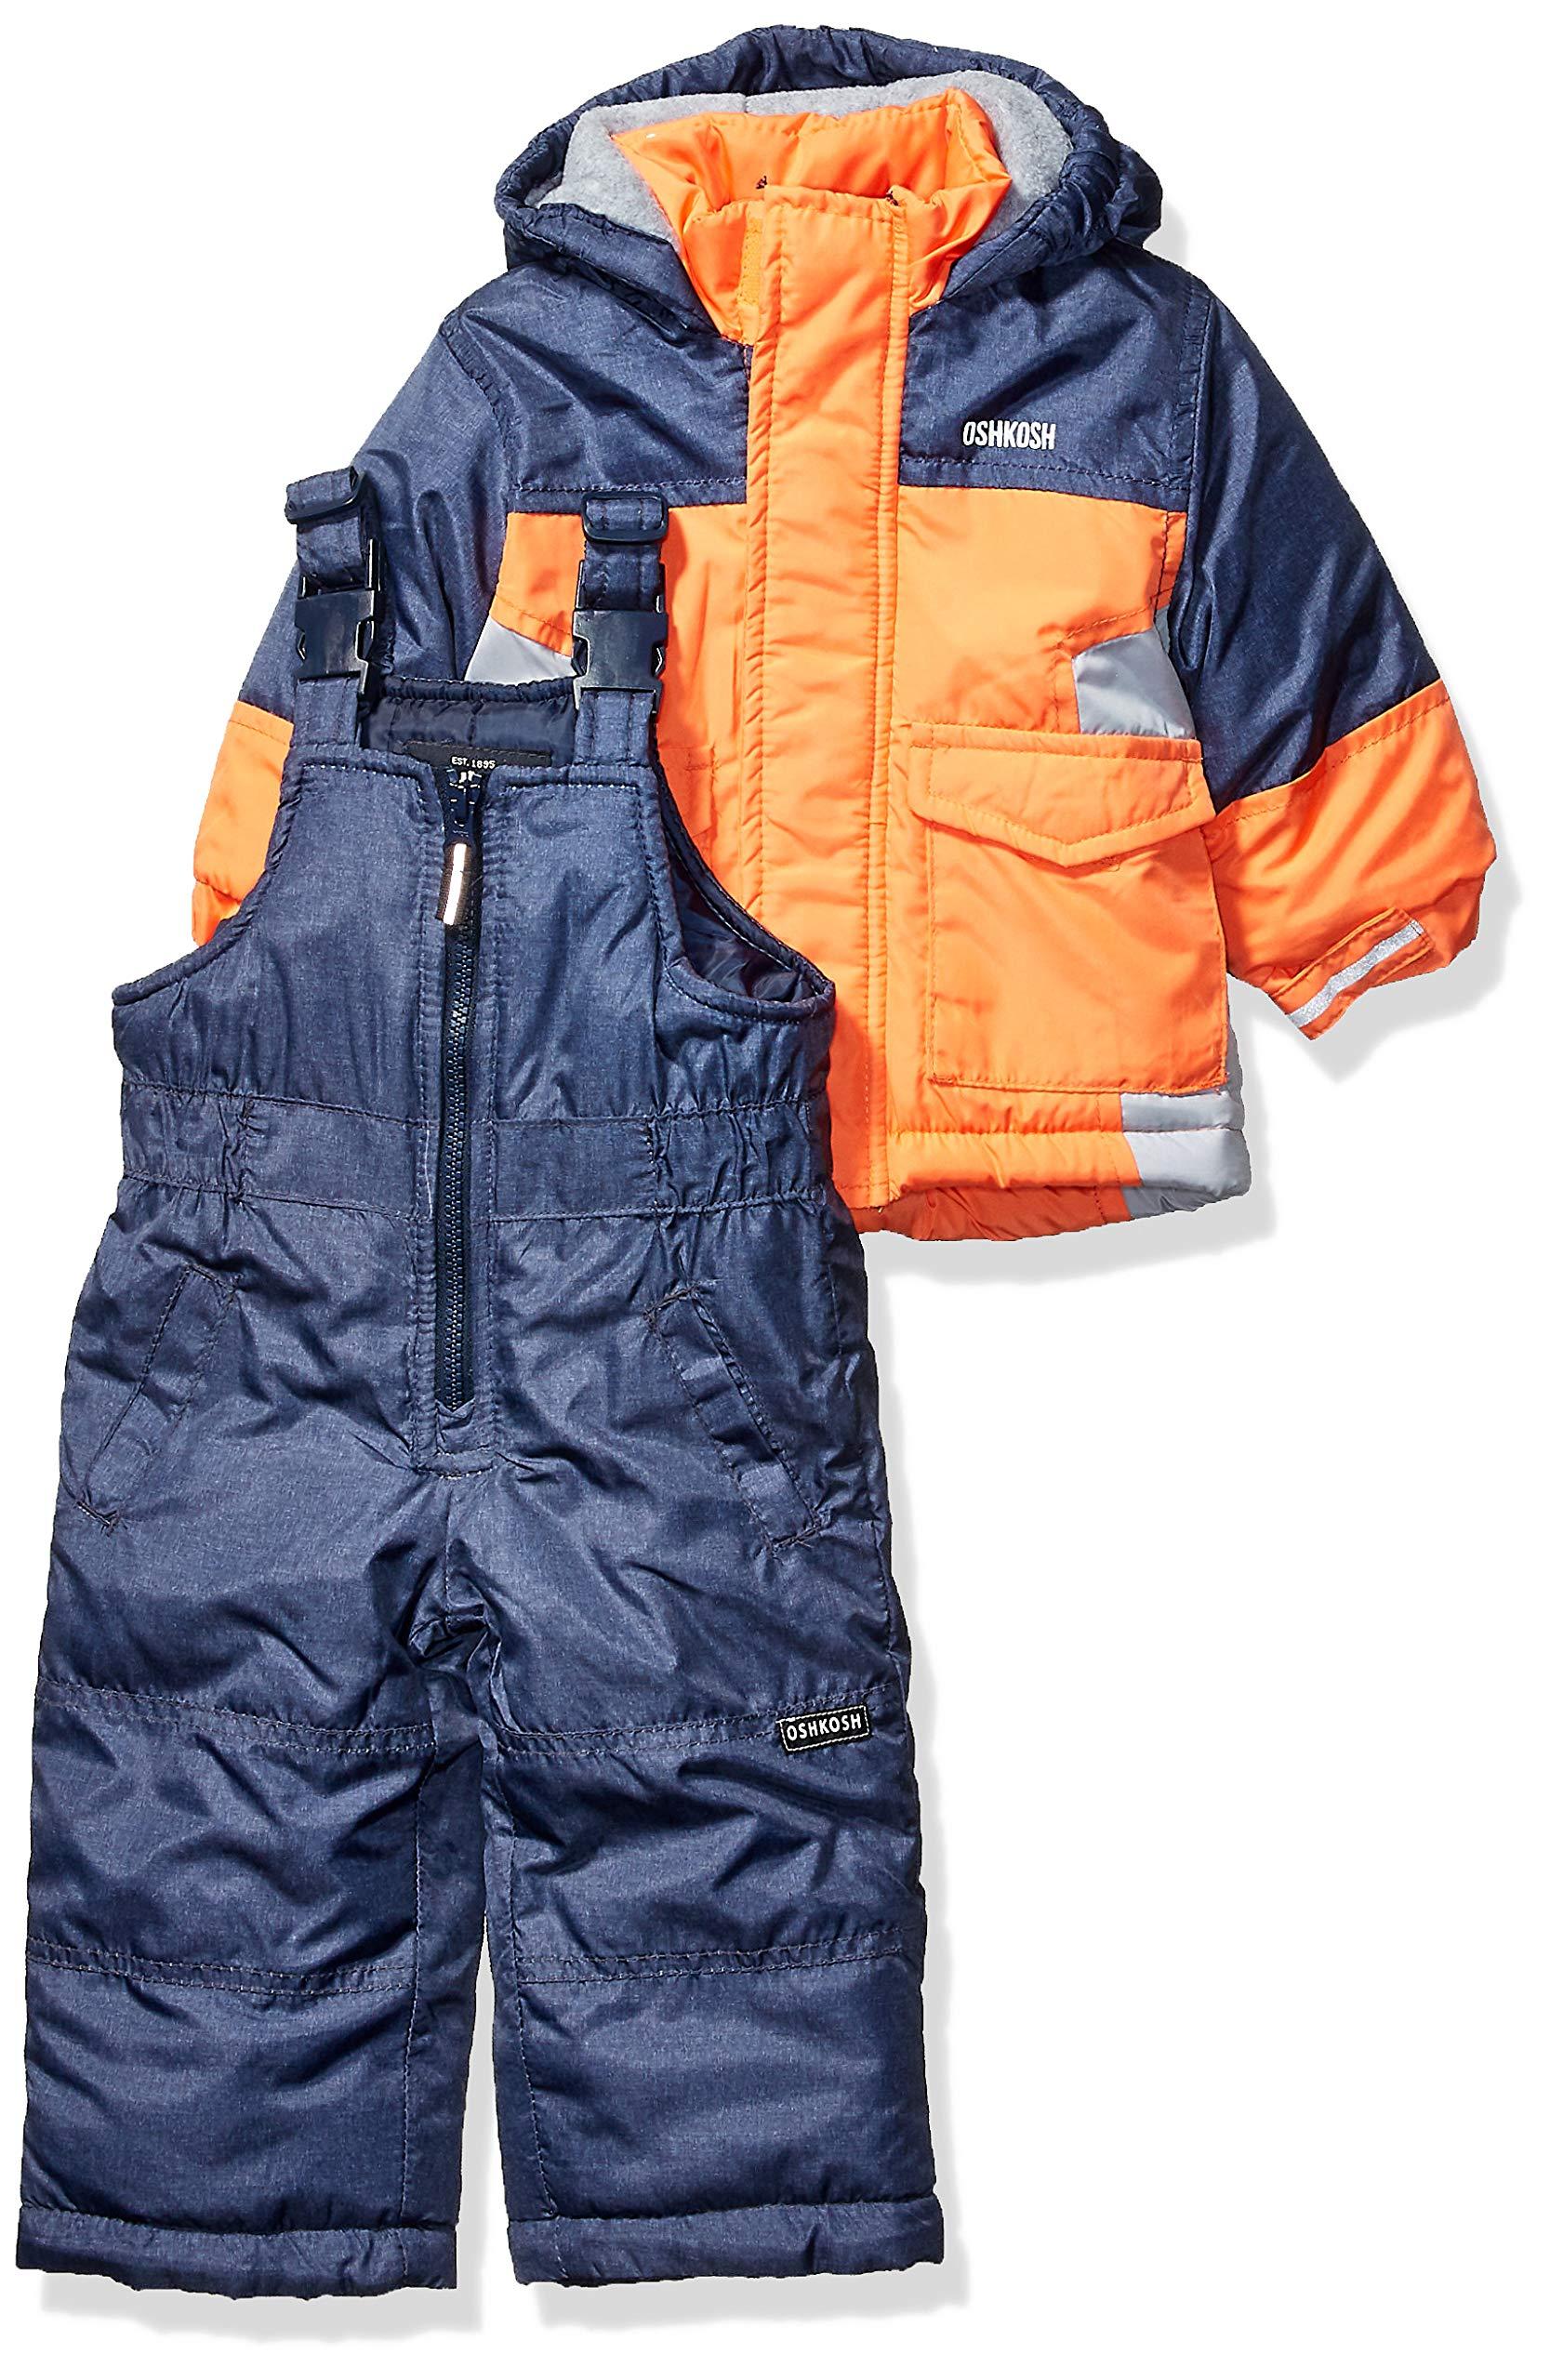 Osh Kosh Baby Boys Ski Jacket and Snowbib Snowsuit Set, Orange Fall, 12Mo by OshKosh B'Gosh